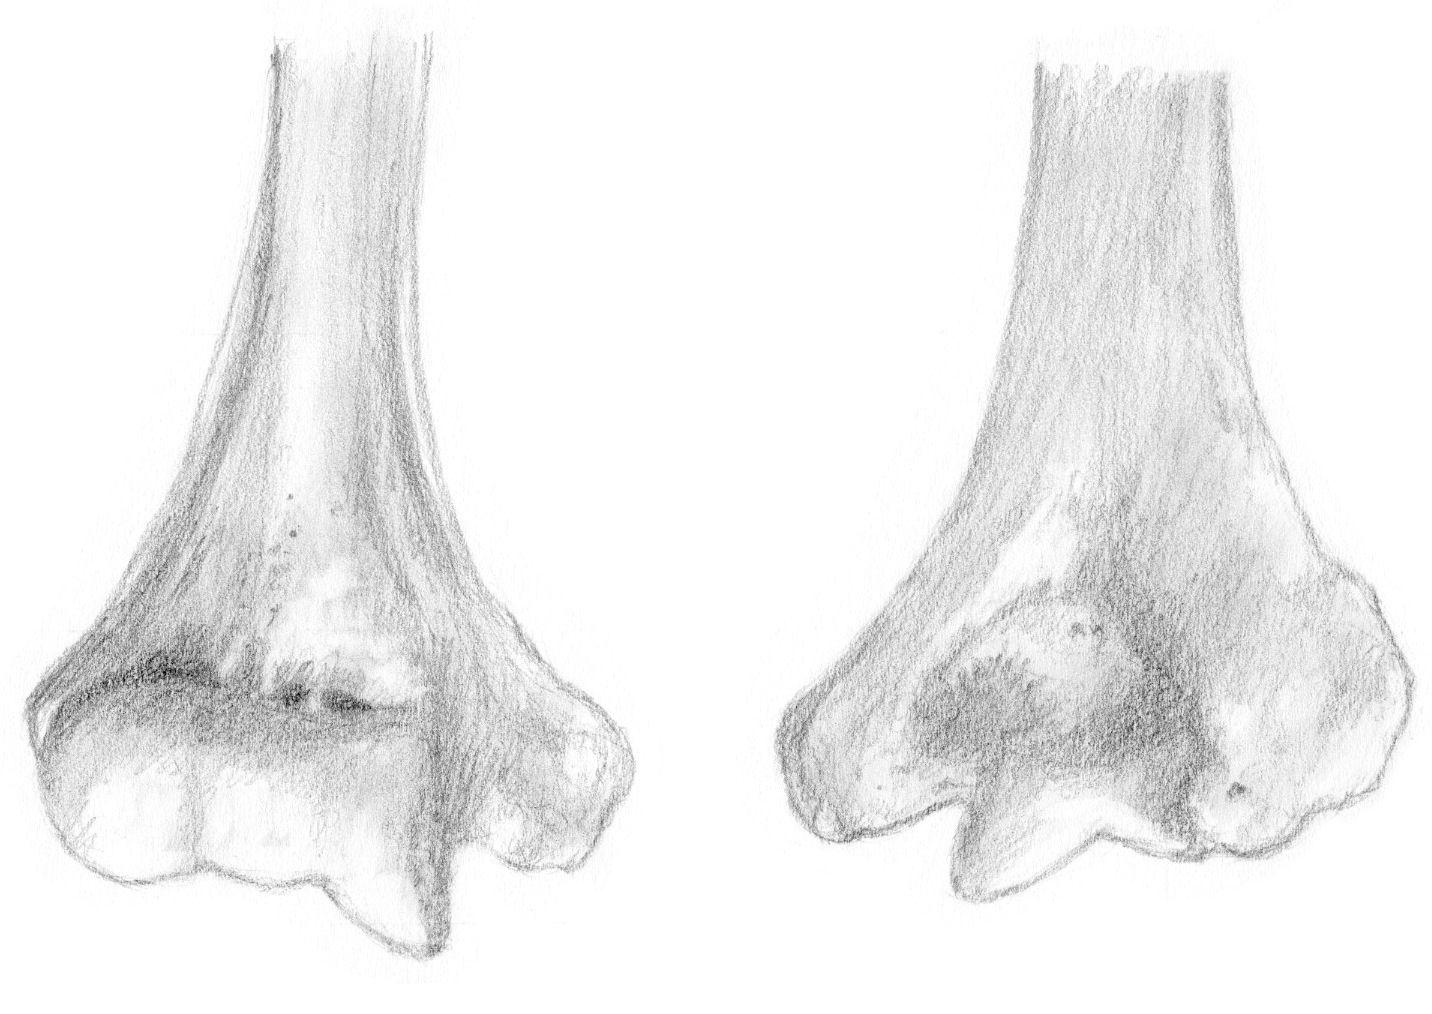 Dessin pour le sujet sur les fractures de la palette humérale ...